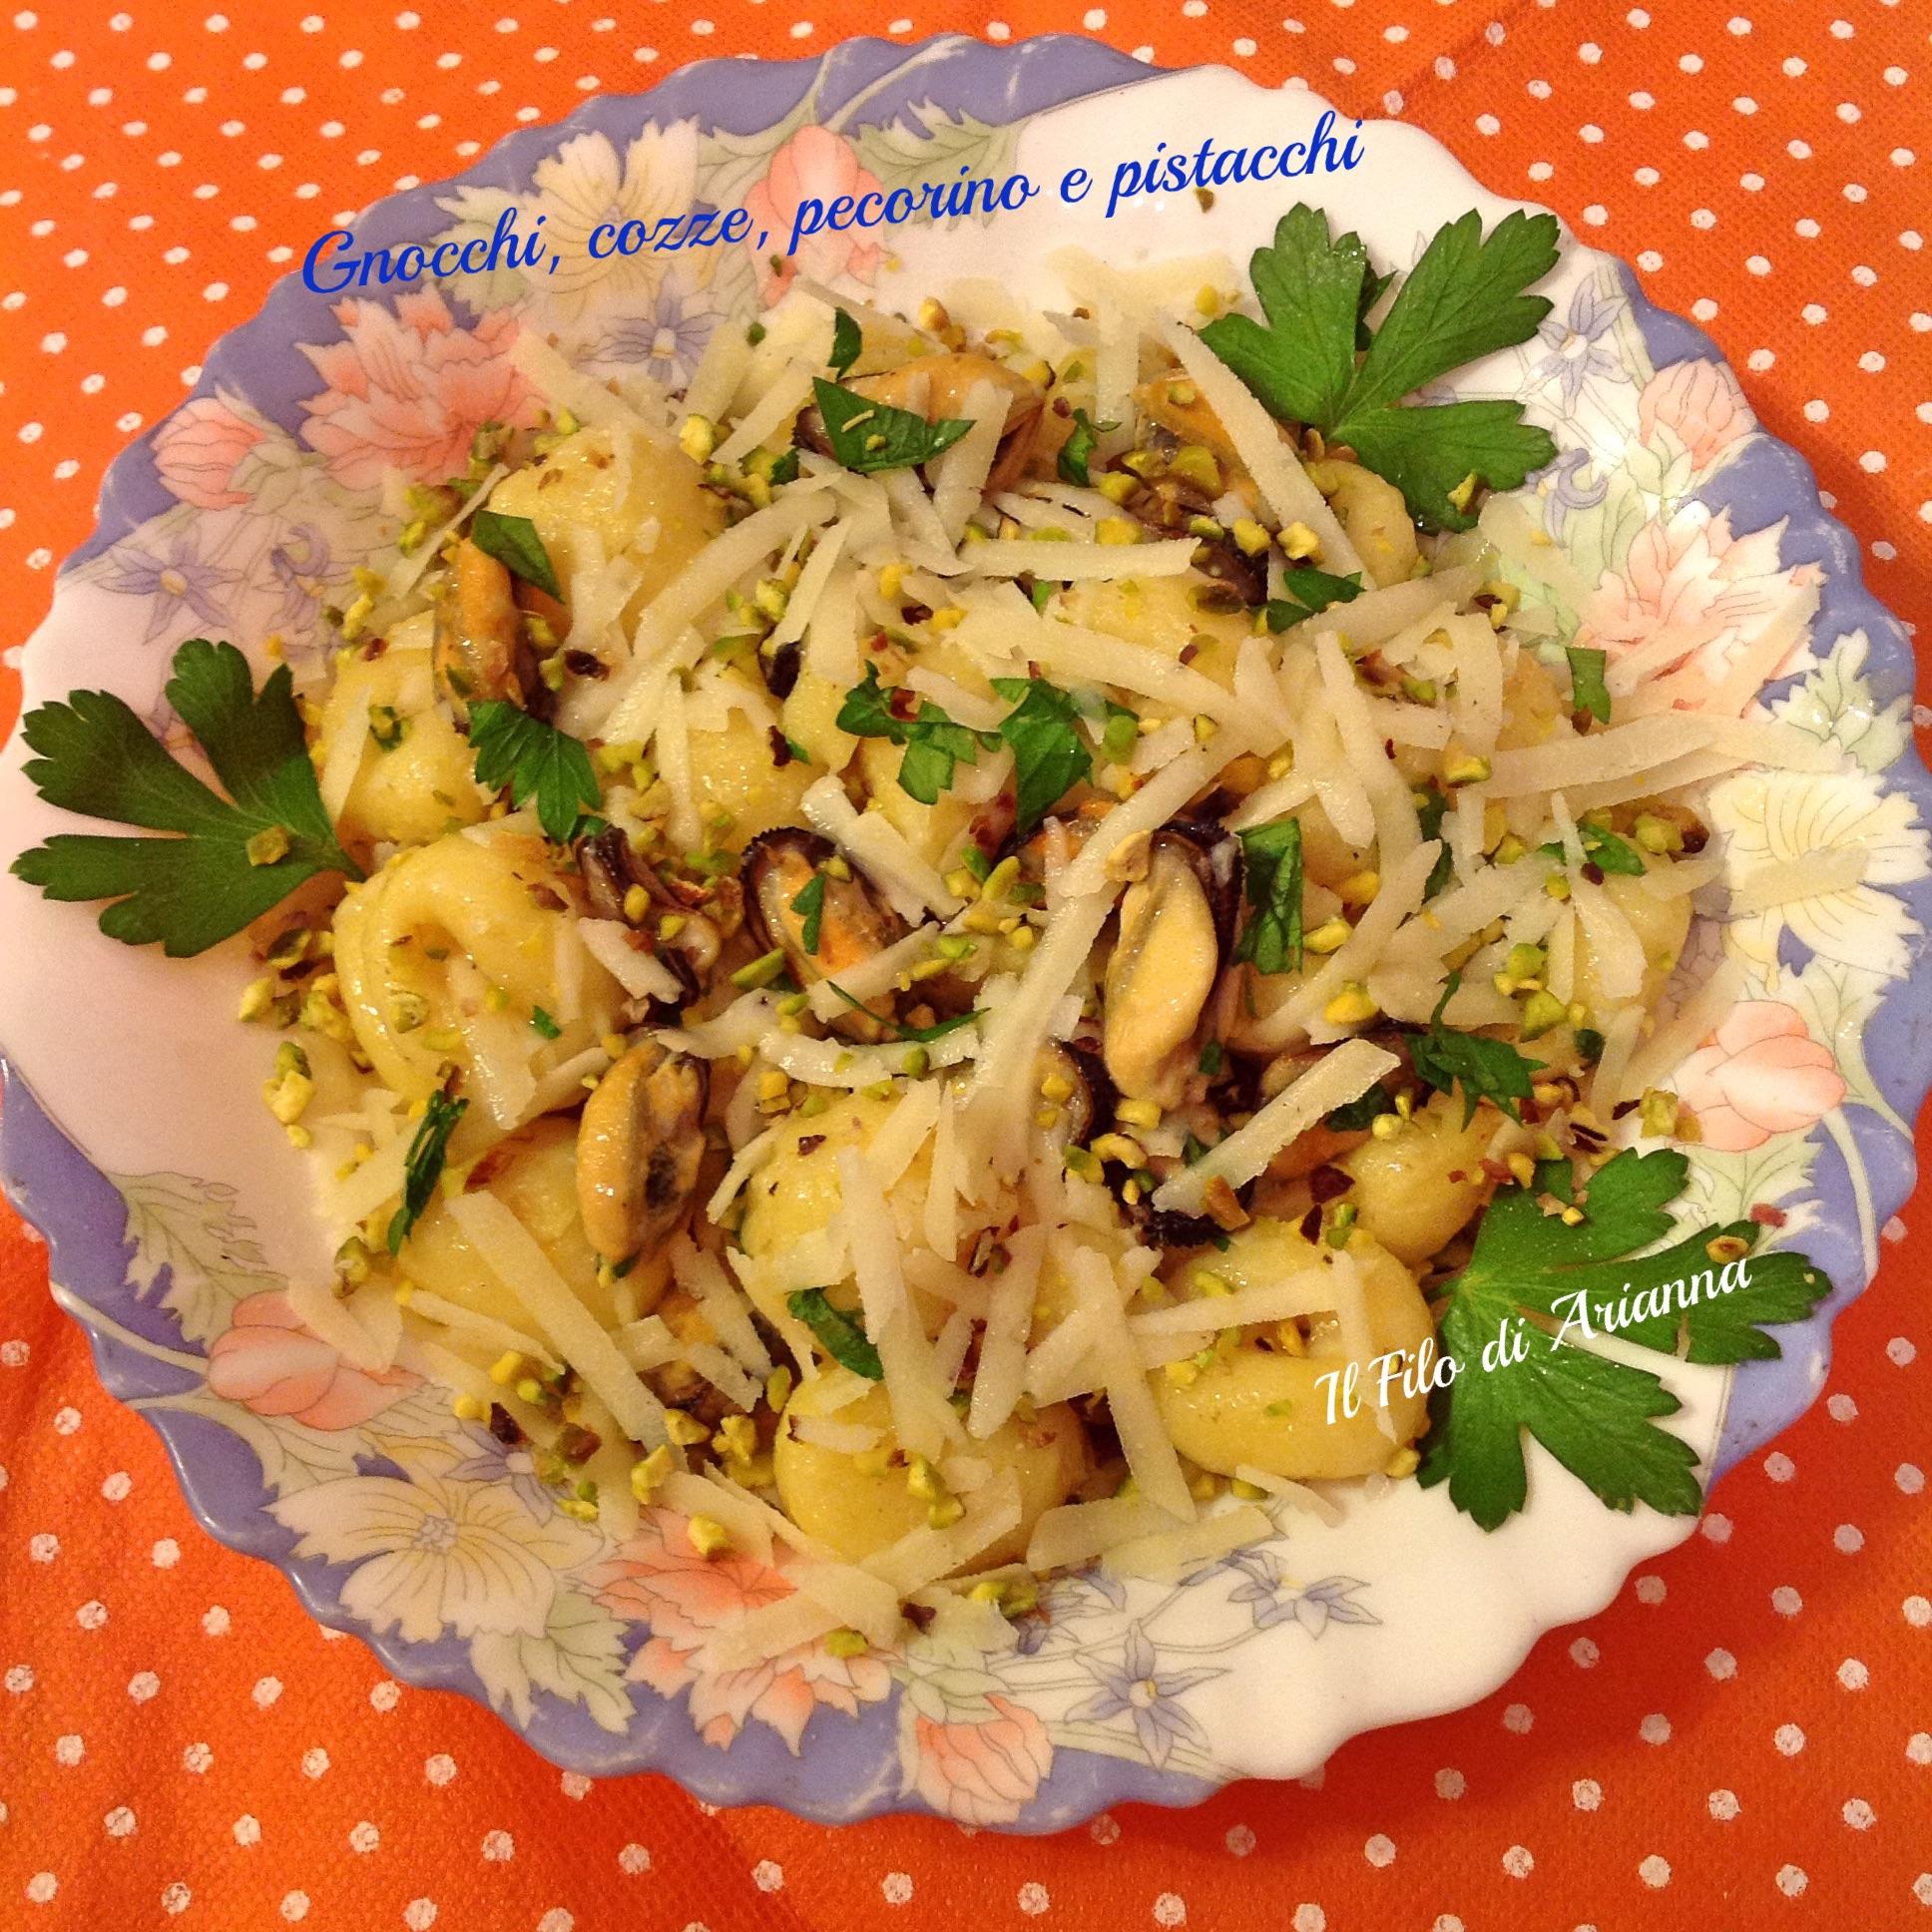 Gnocchi cozze, pecorino e pistacchi